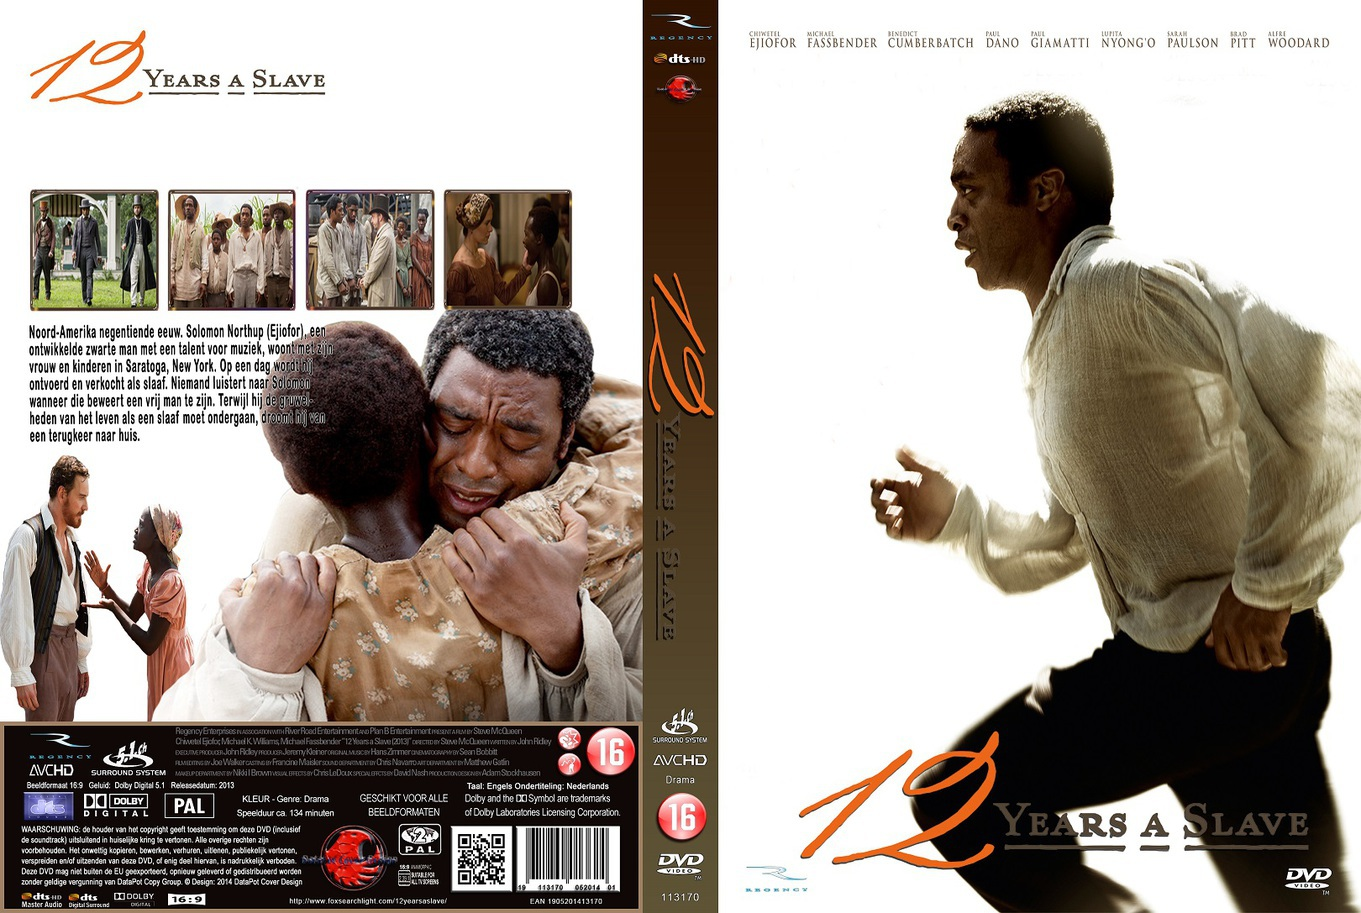 12 ani de sclavie (2013)